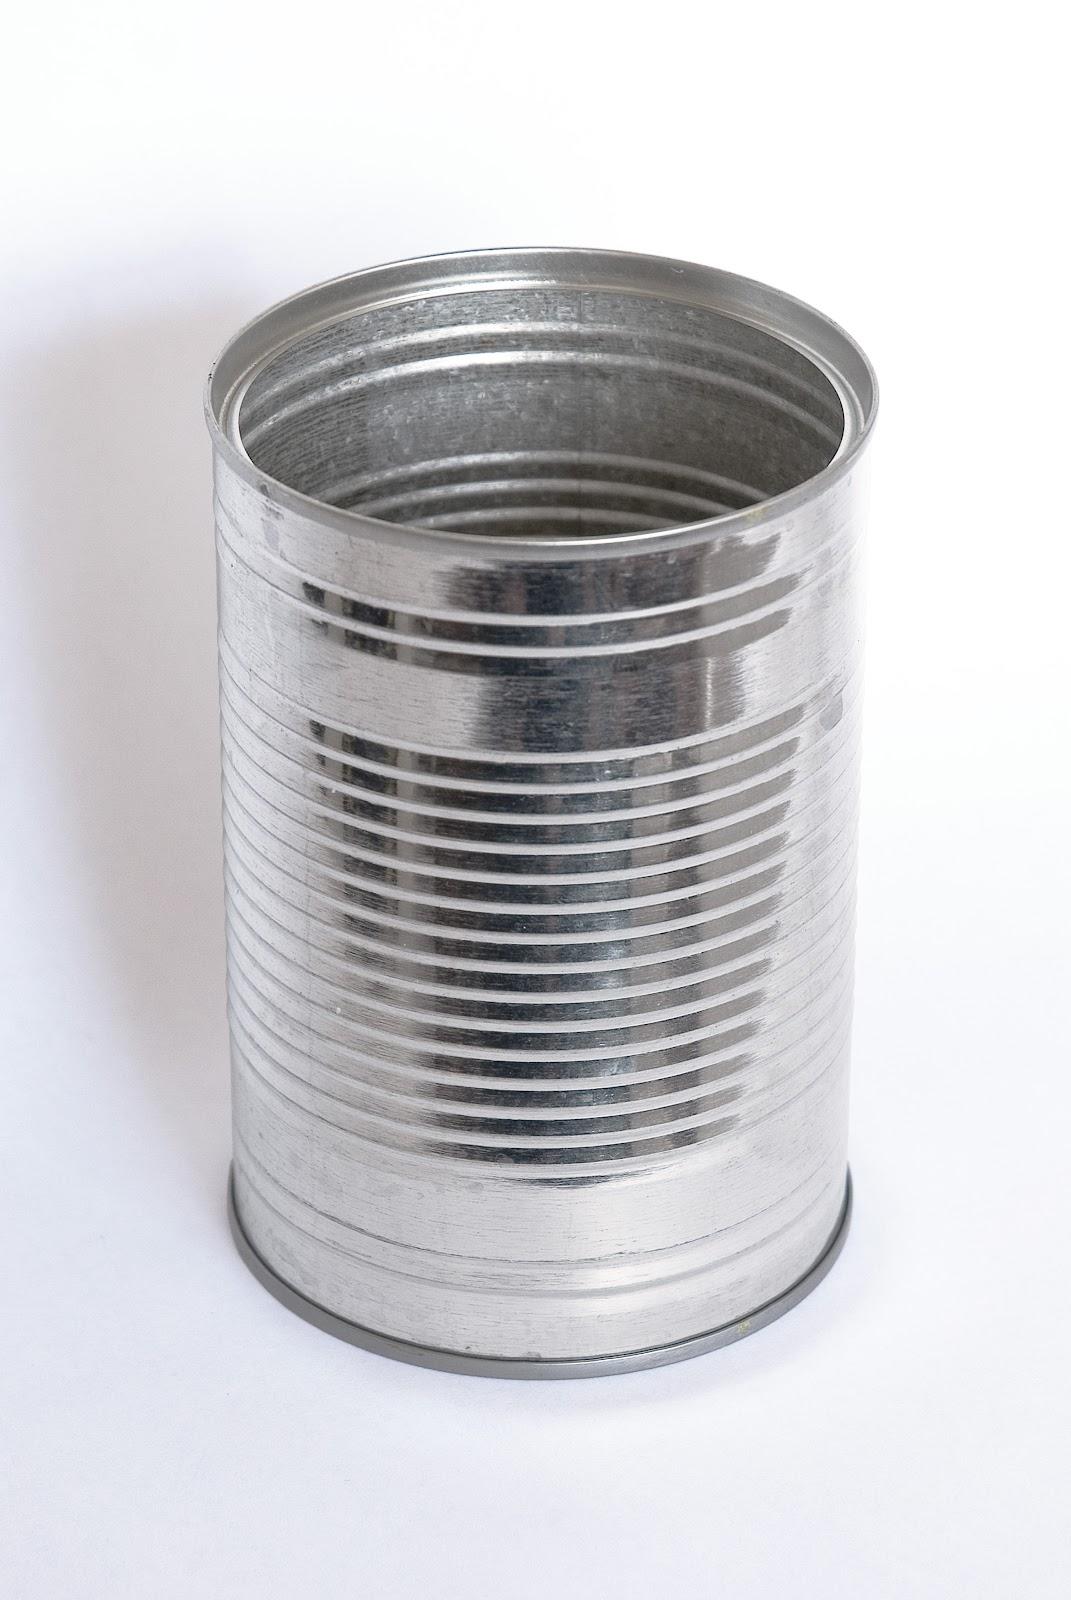 An empty tin can